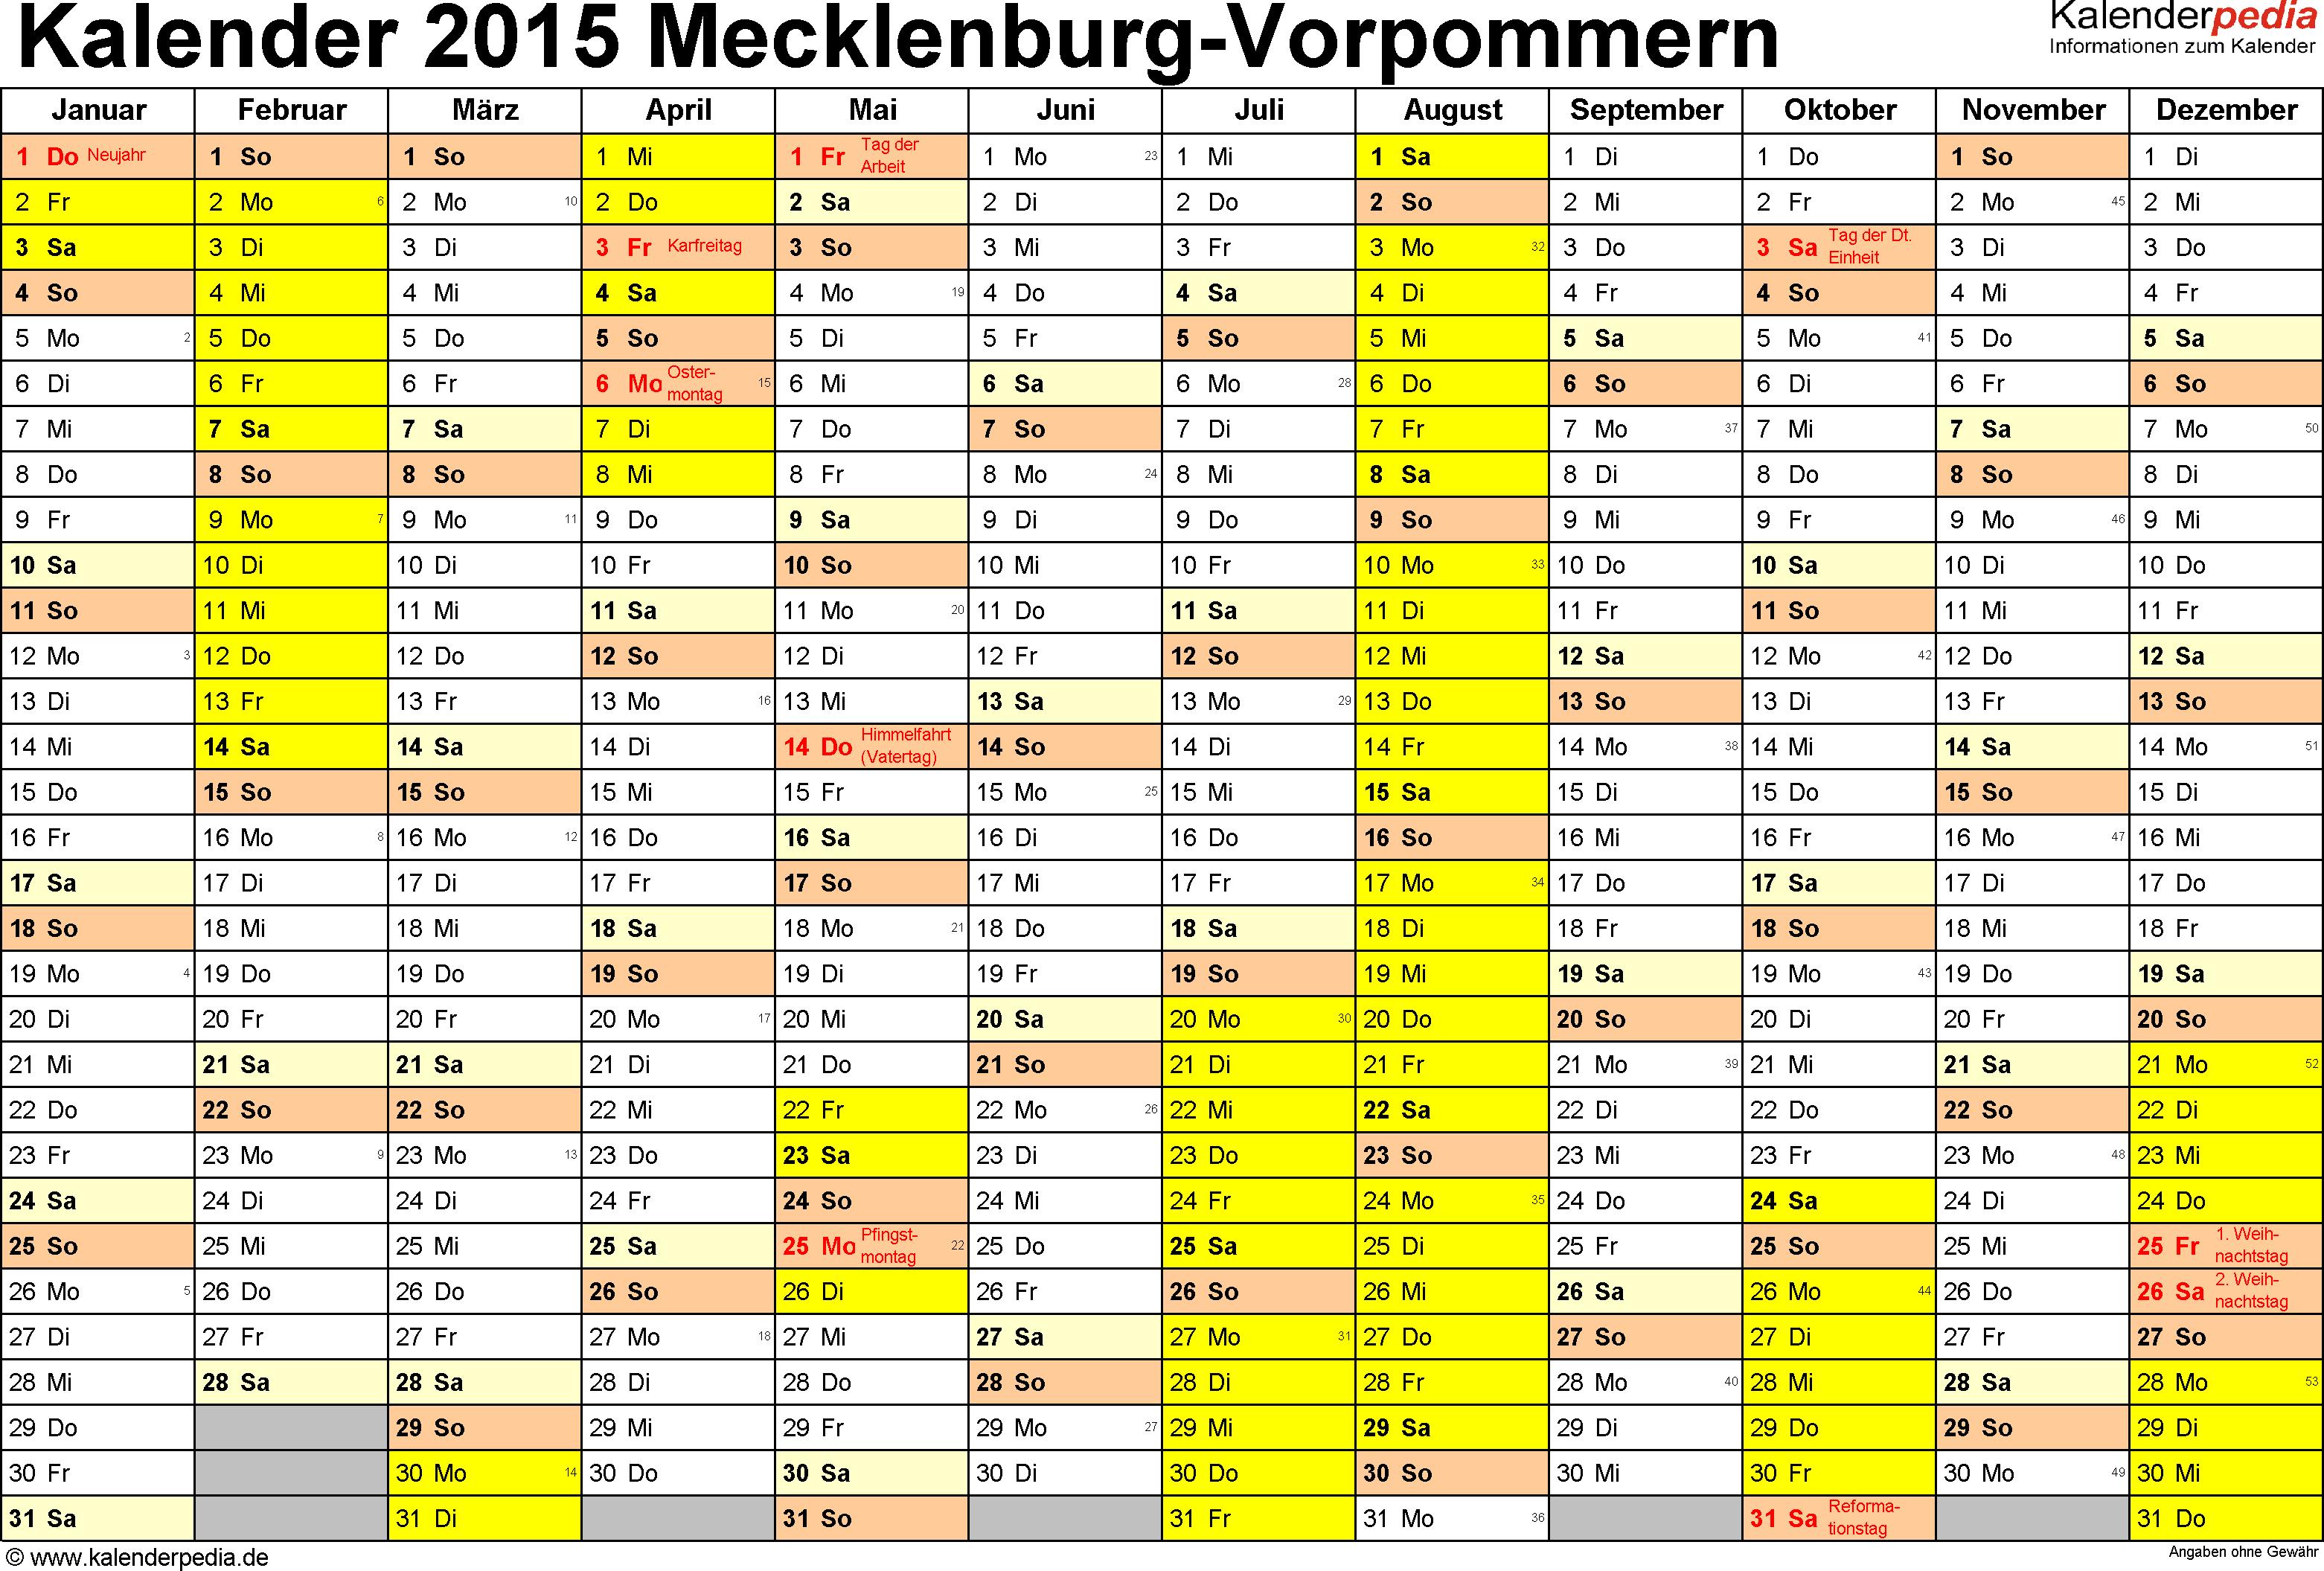 Vorlage 1: Kalender 2015 für Mecklenburg-Vorpommern als Excel-Vorlagen (Querformat, 1 Seite)